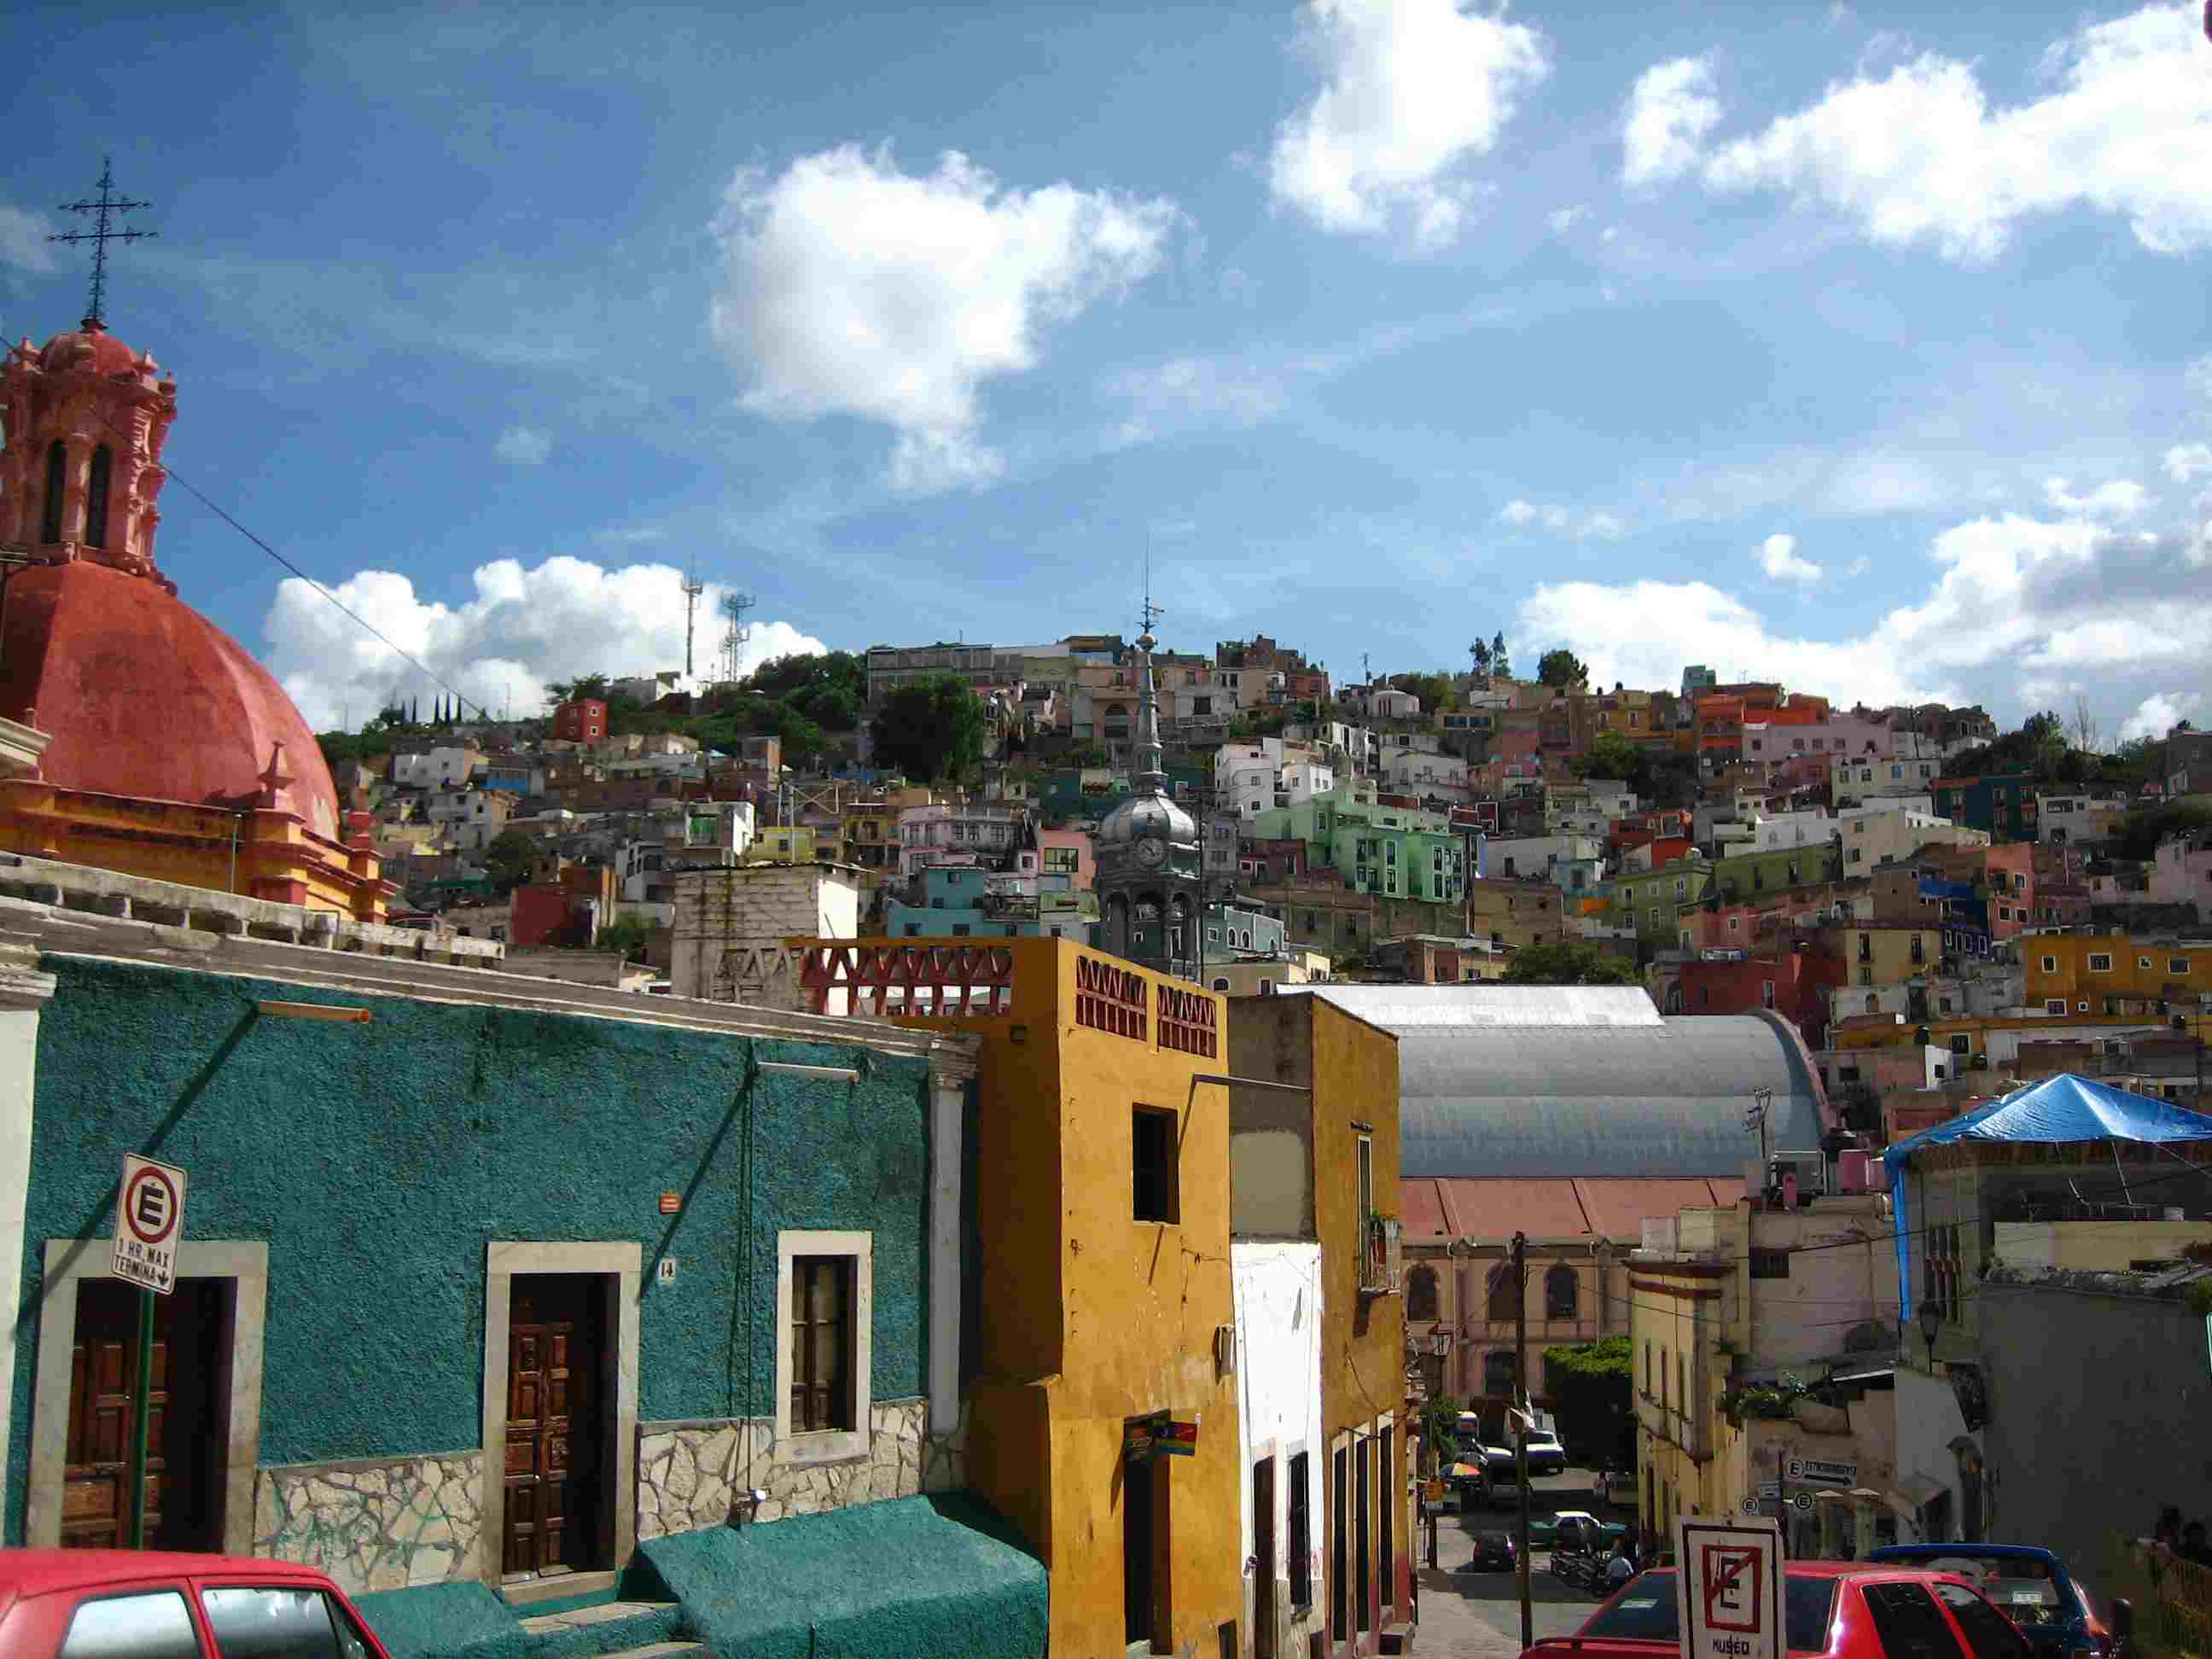 Coloridos edificios en una colina en Guanajuato, México